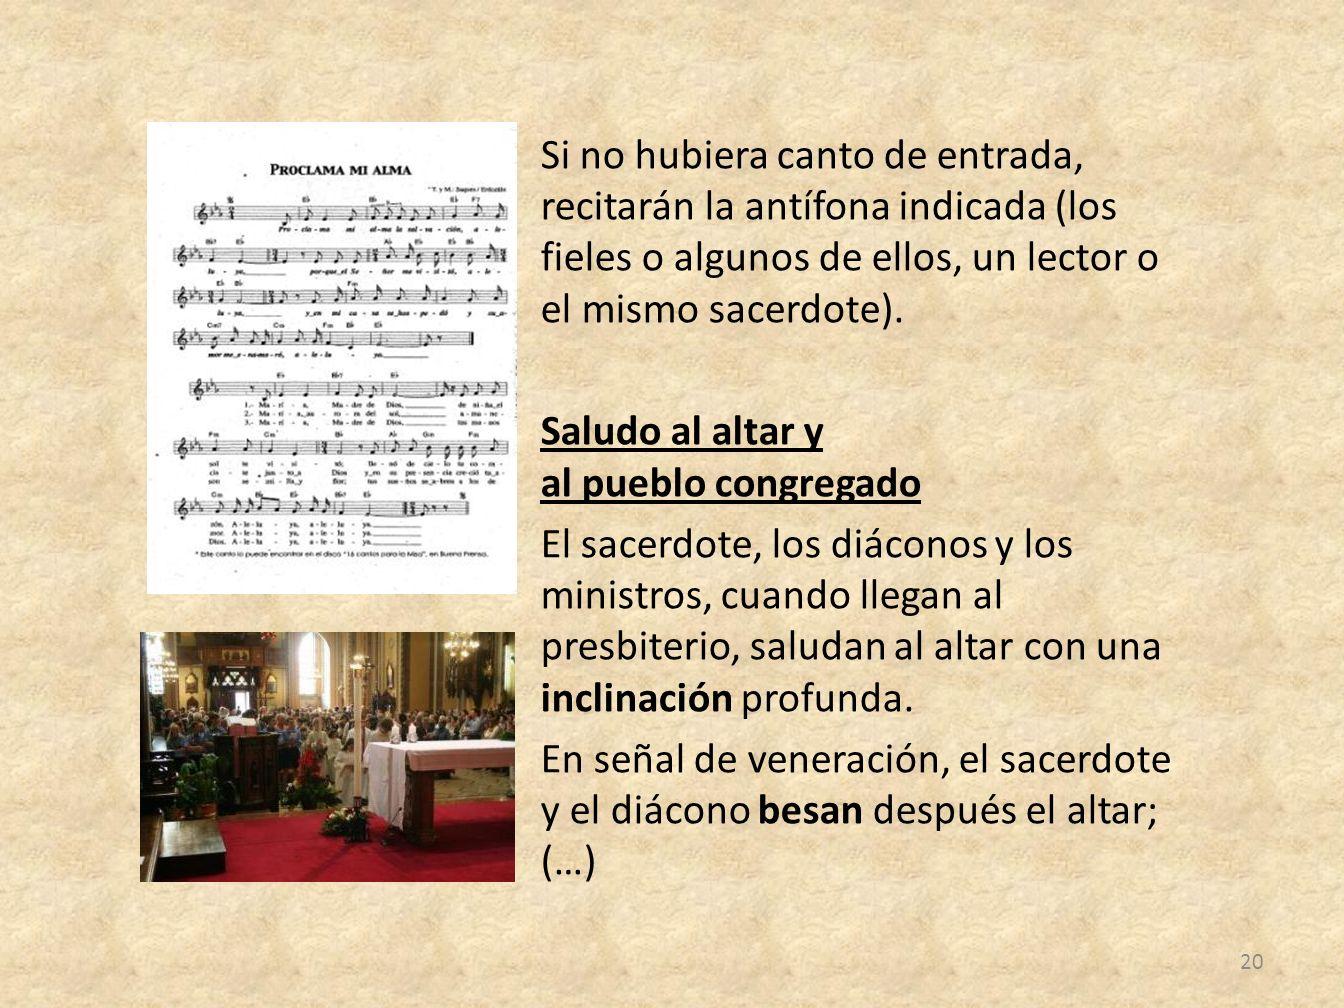 Si no hubiera canto de entrada, recitarán la antífona indicada (los fieles o algunos de ellos, un lector o el mismo sacerdote).